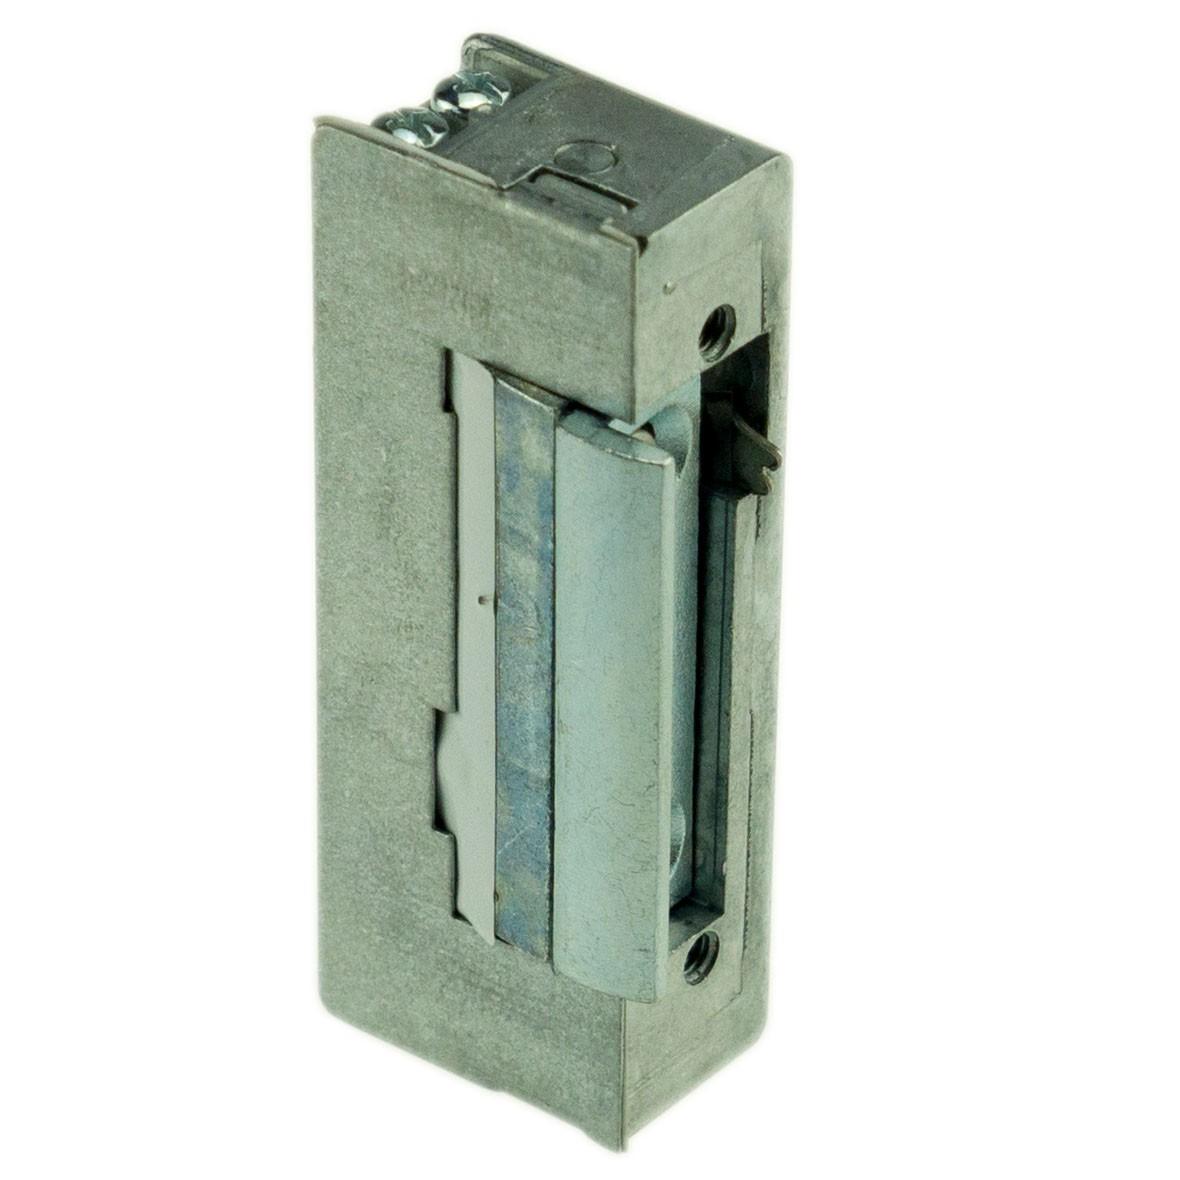 elektrischer Türöffner für den Außenbereich, wassergeschützt Peso 300 oaw mit Entriegelungshebel 6 - 12 Volt – Bild 1